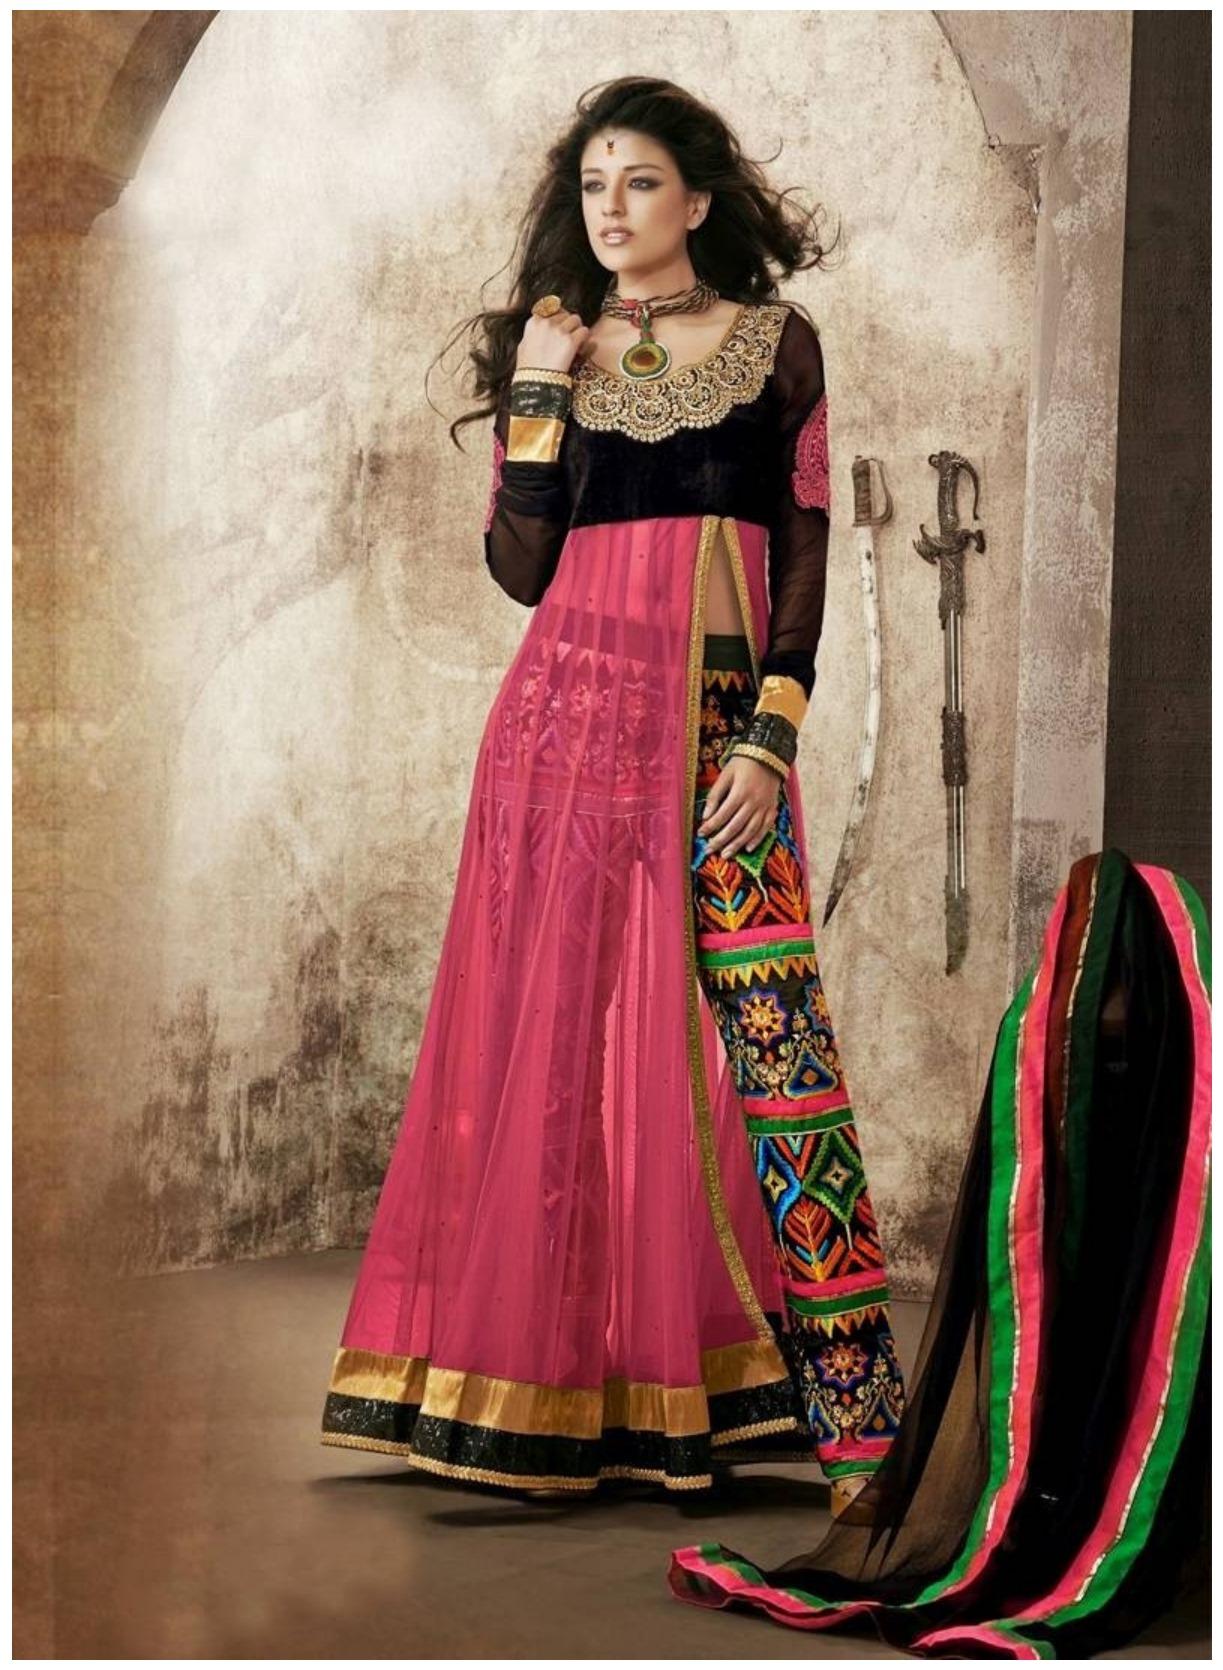 best indian dresses design 2017 for girls newfashionelle